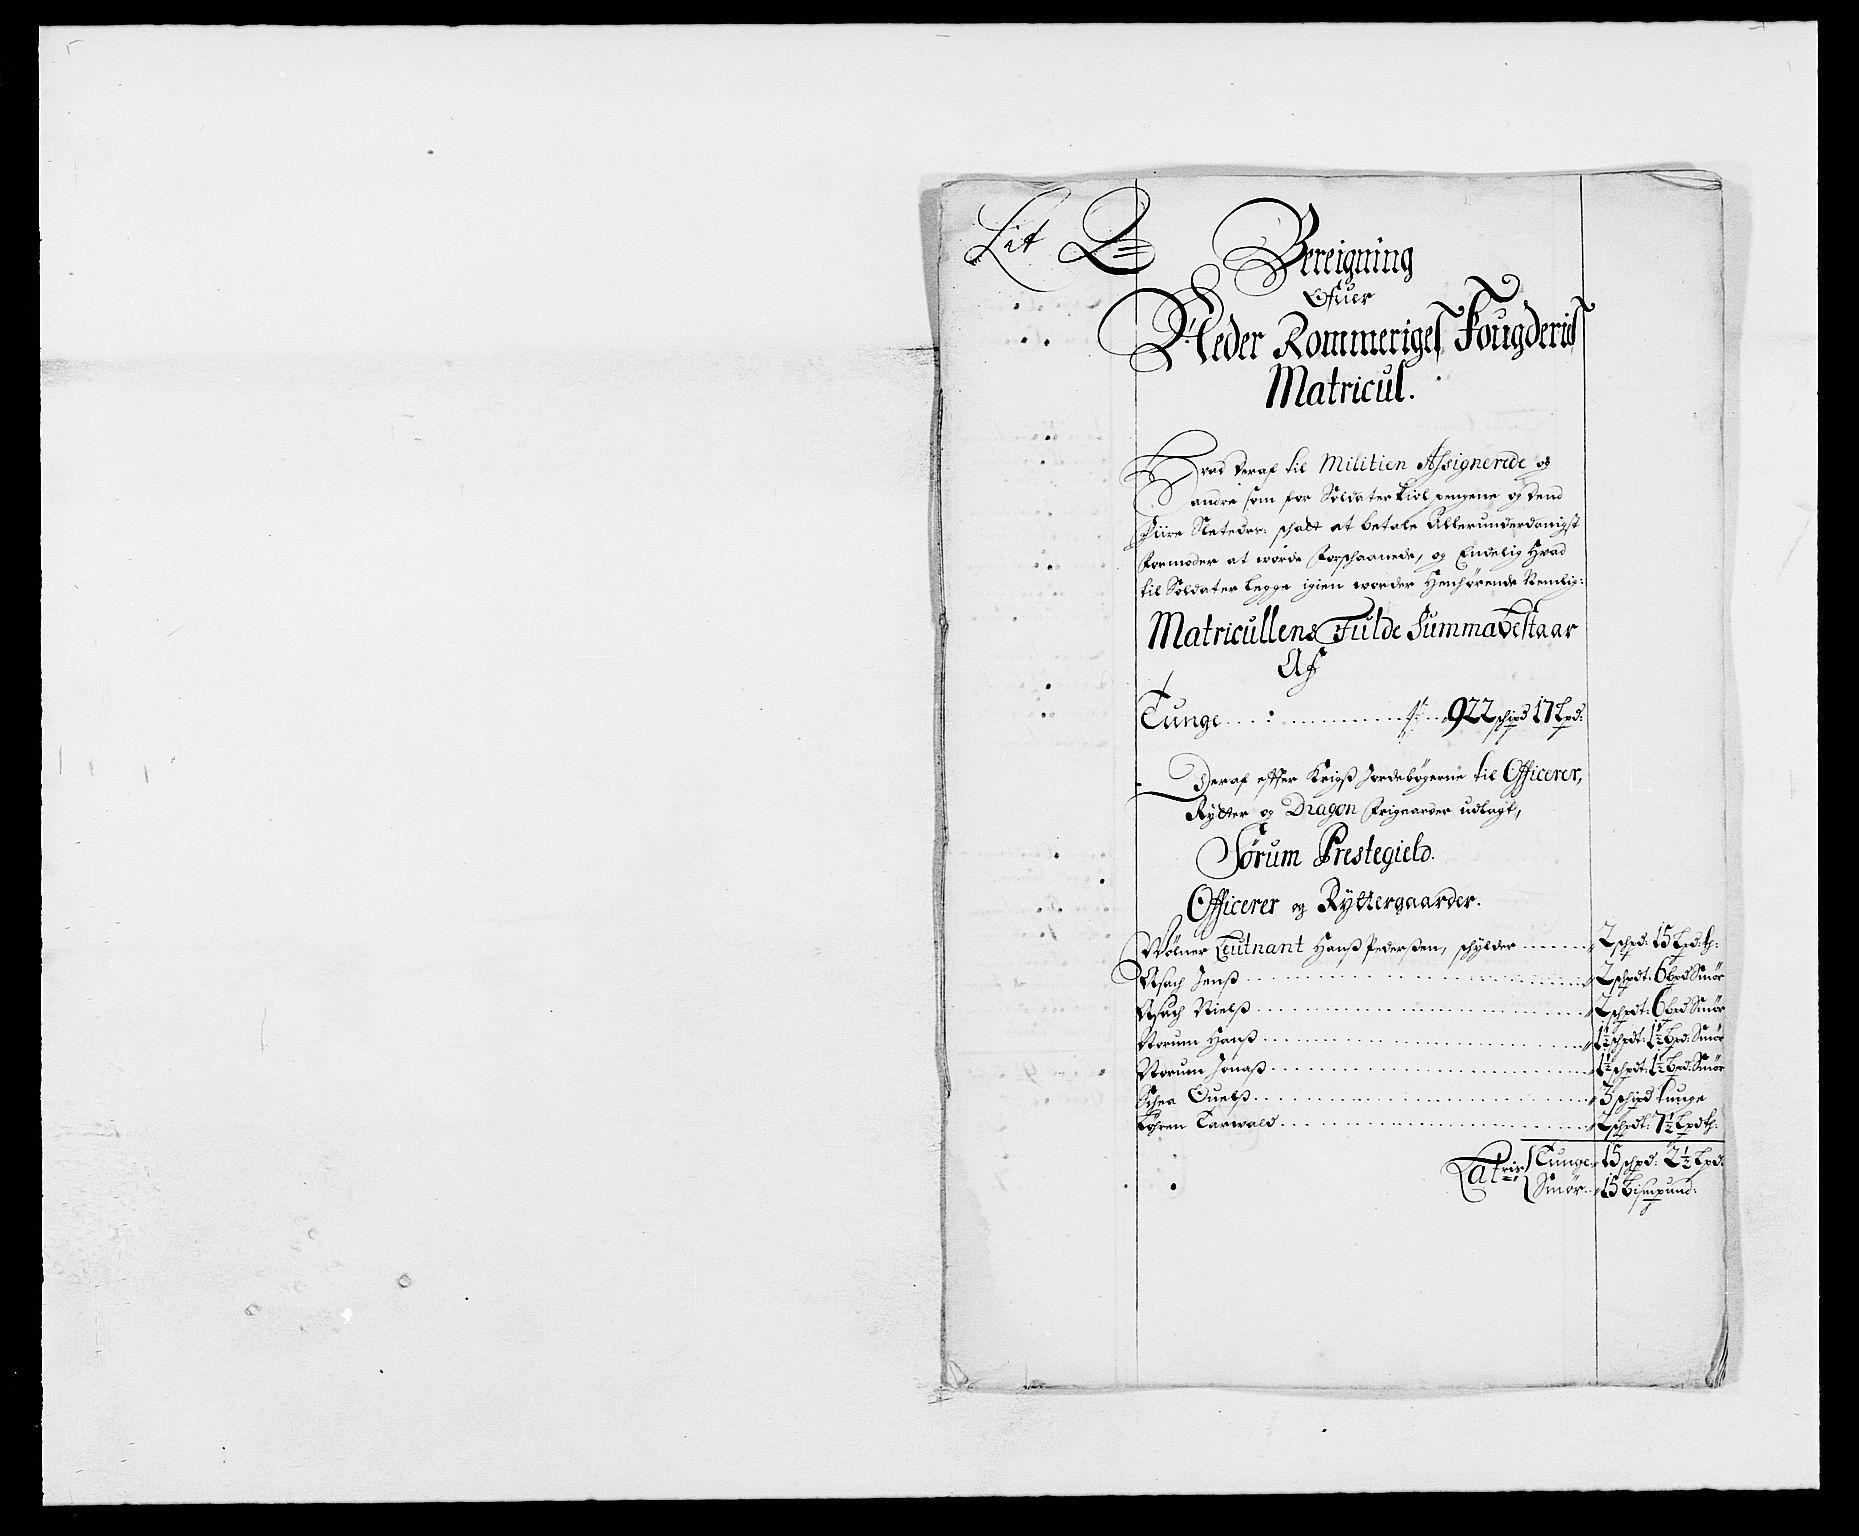 RA, Rentekammeret inntil 1814, Reviderte regnskaper, Fogderegnskap, R11/L0574: Fogderegnskap Nedre Romerike, 1689-1690, s. 364